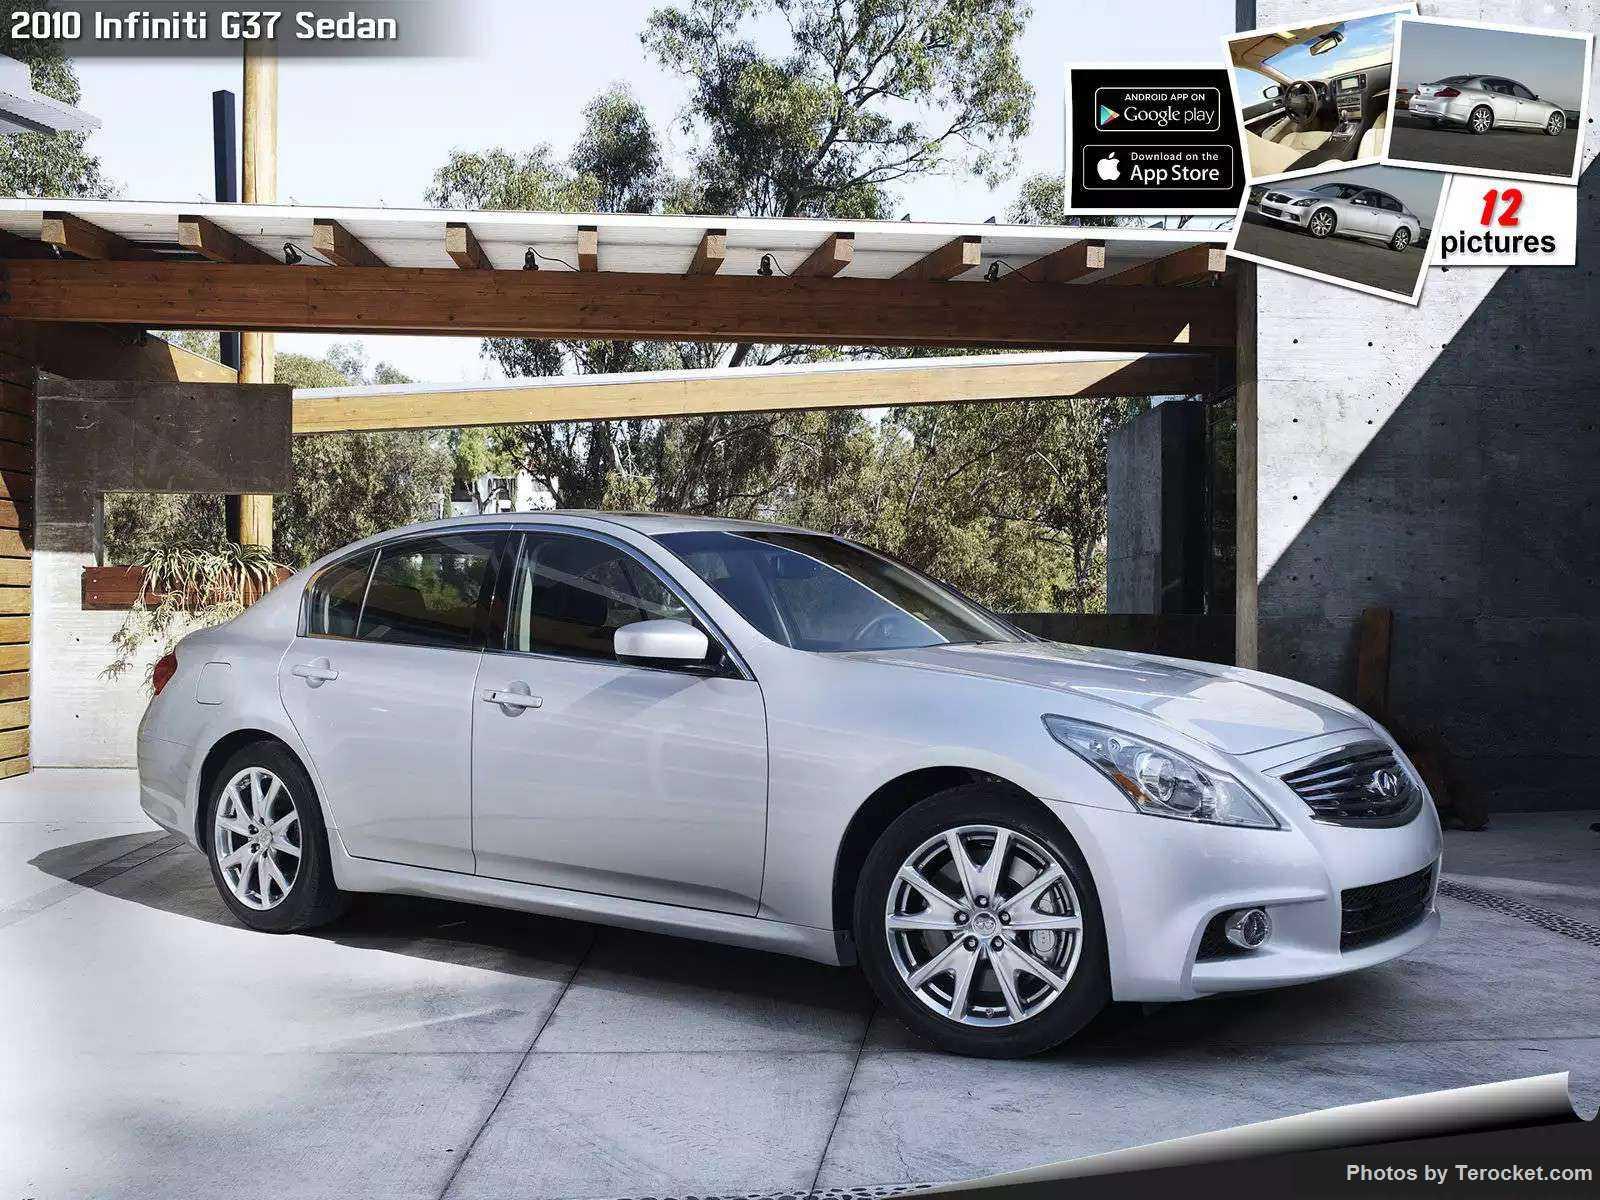 Hình ảnh xe ô tô Infiniti G37 Sedan 2010 & nội ngoại thất